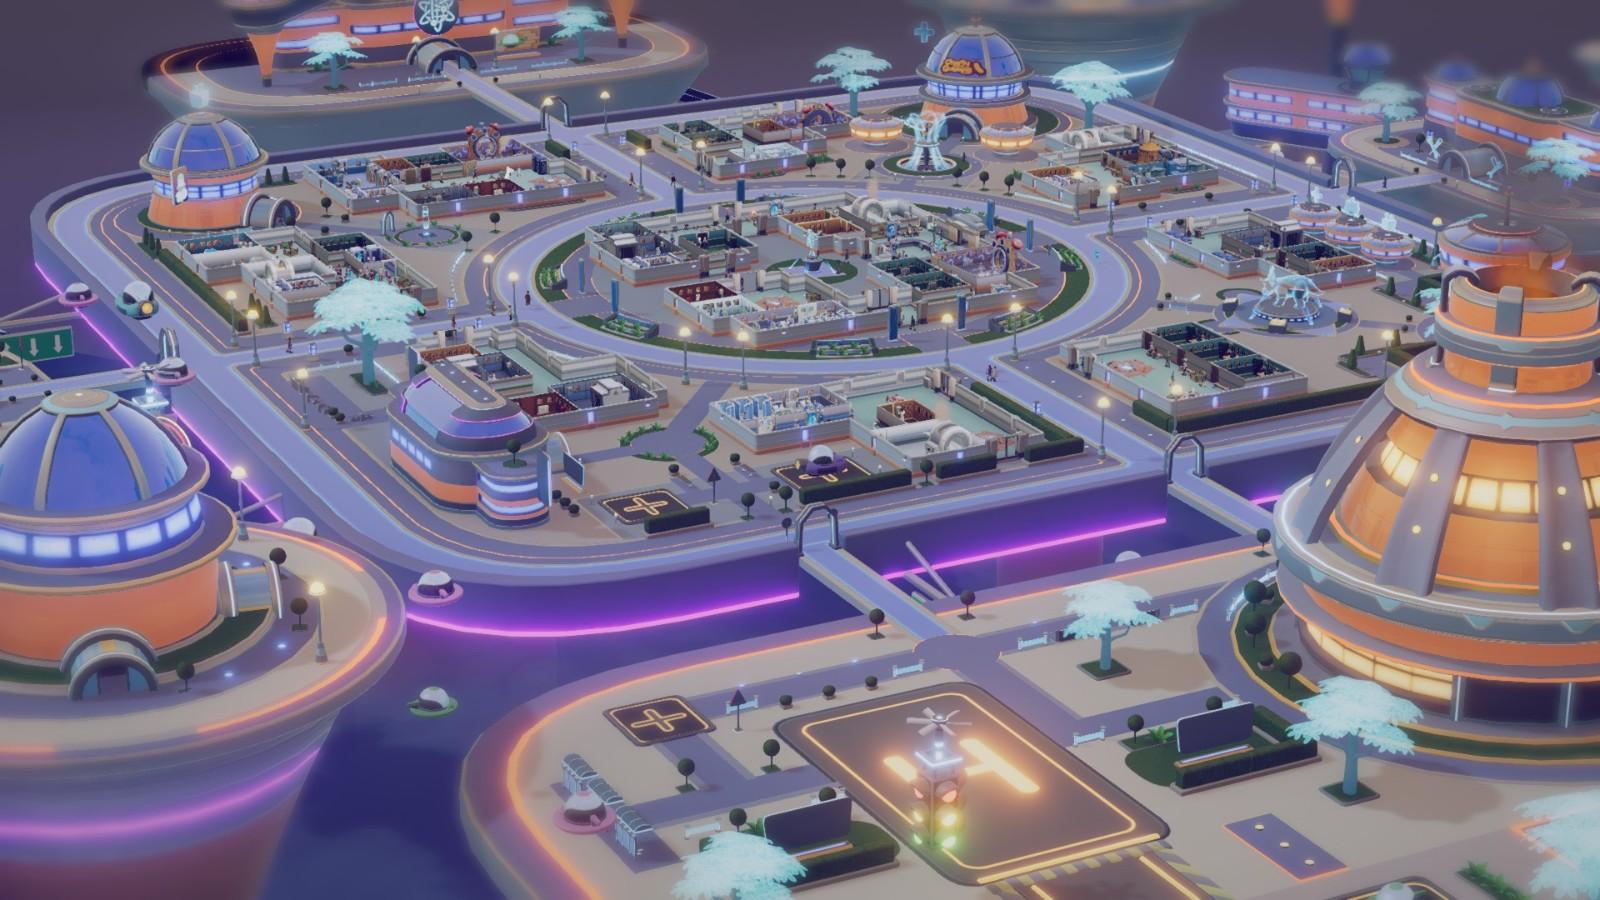 《双点医院》新DLC在Steam上推出 来趟时空旅行